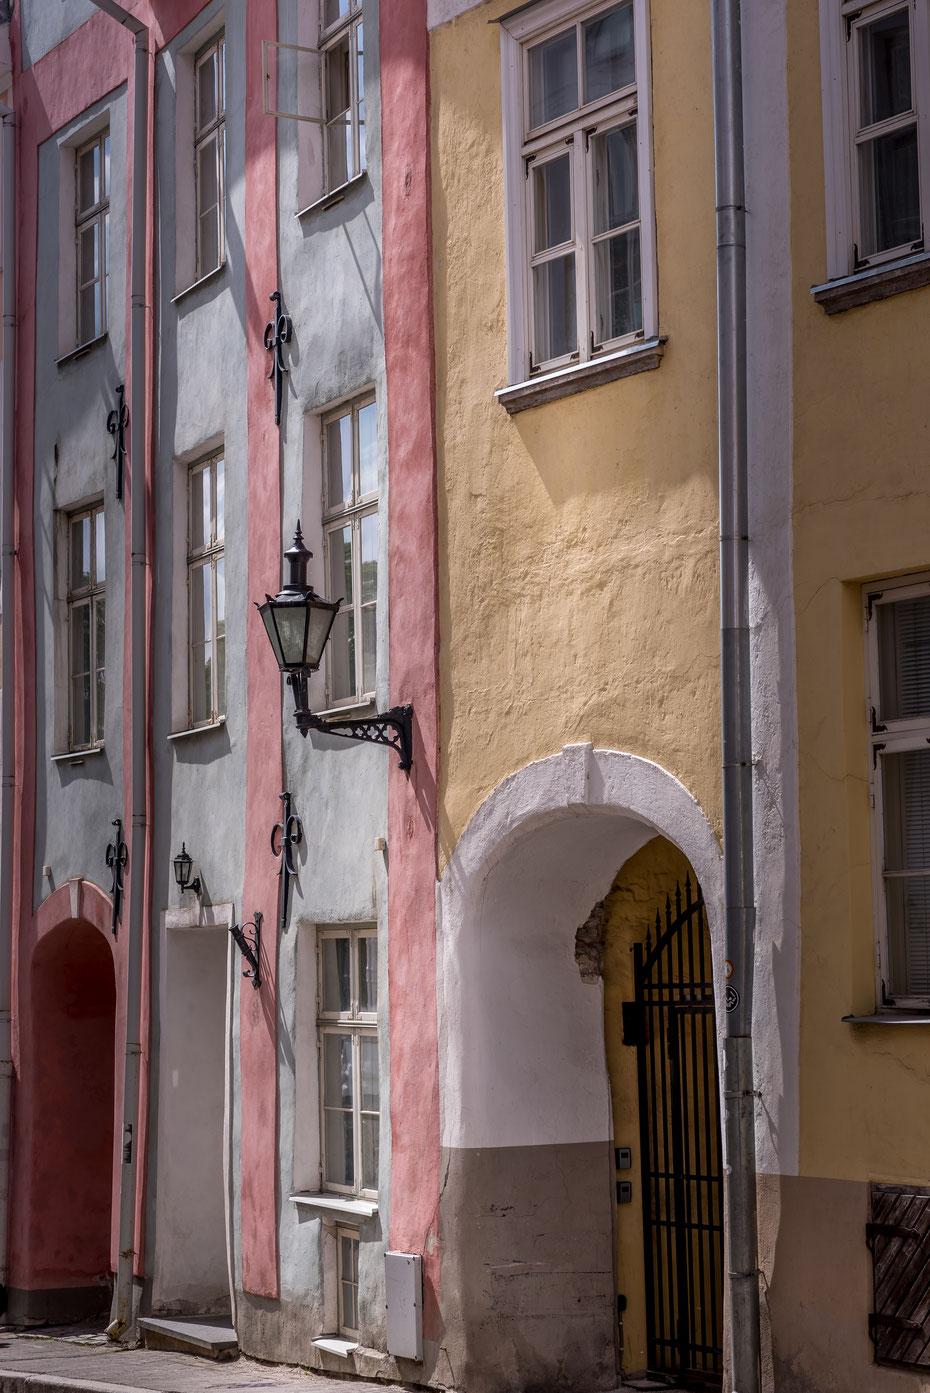 In den engen Altstadtgassen von Tallinn kann man viele Stunden verbringen. Photomotive gibt's sowieso an jeder Ecke!